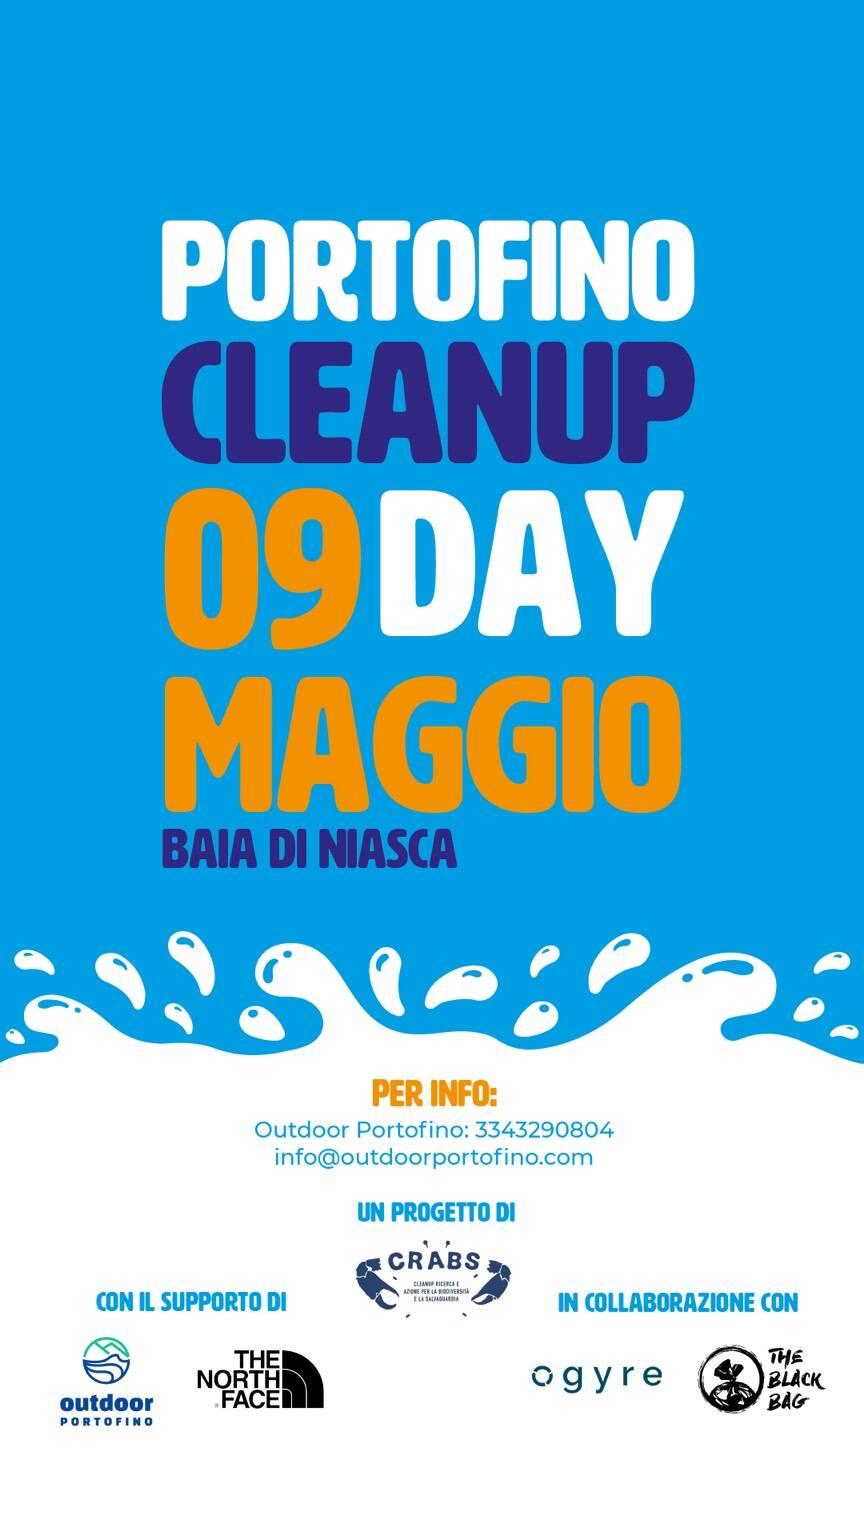 Portofino Cleanup Day 2021 pulizia fondali marini